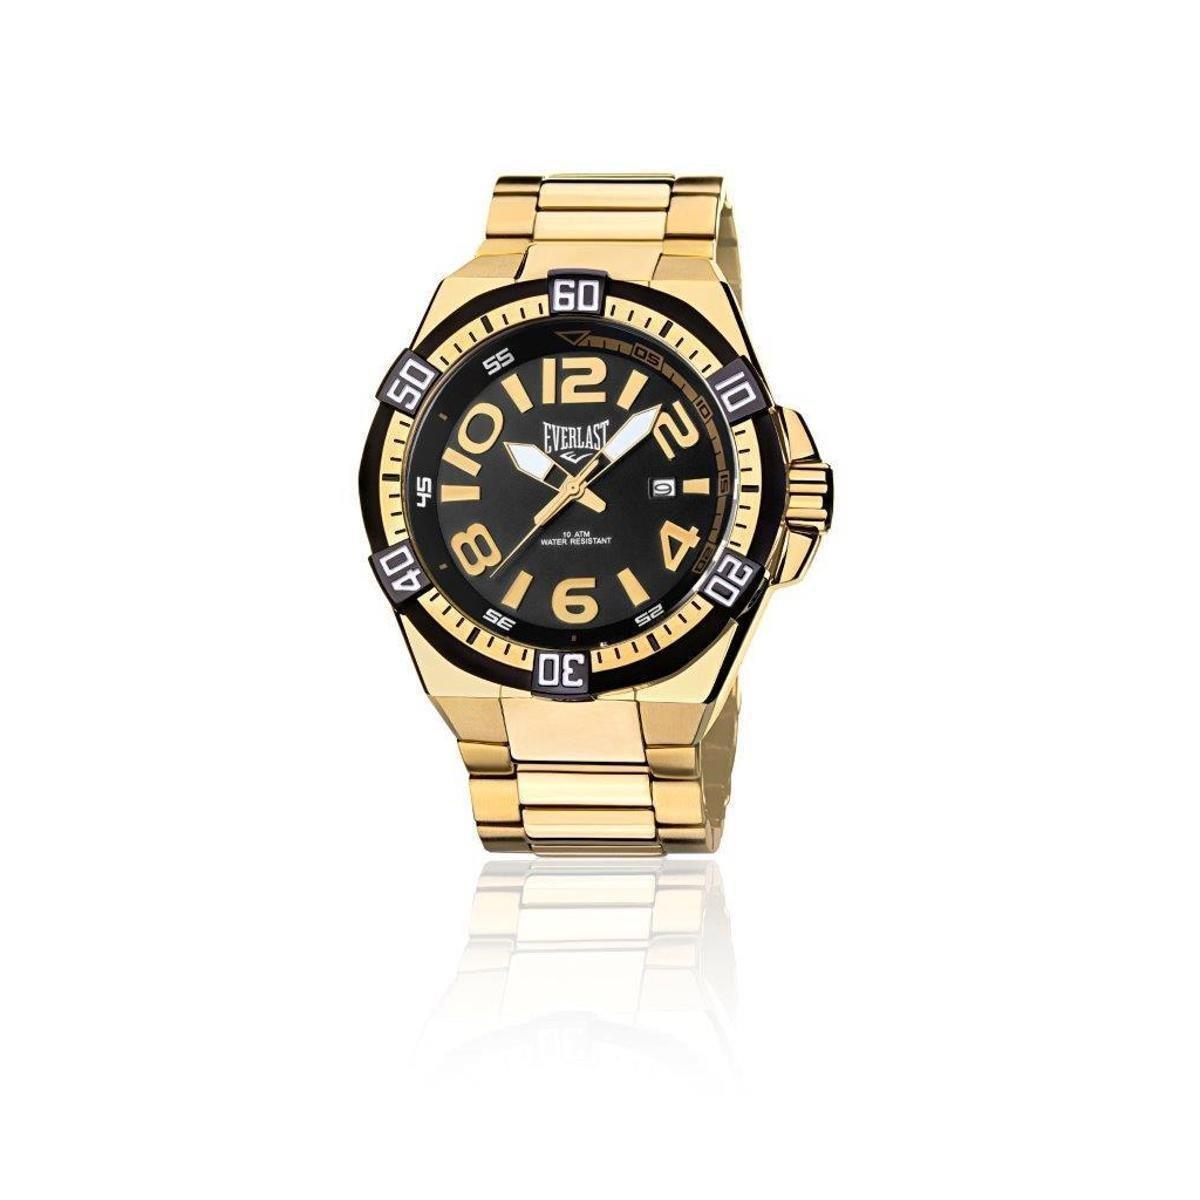 ae1e0ccedad Relógio Masculino Analógico Everlast Cx e Pulseira Aço - Dourado e Preto -  Compre Agora